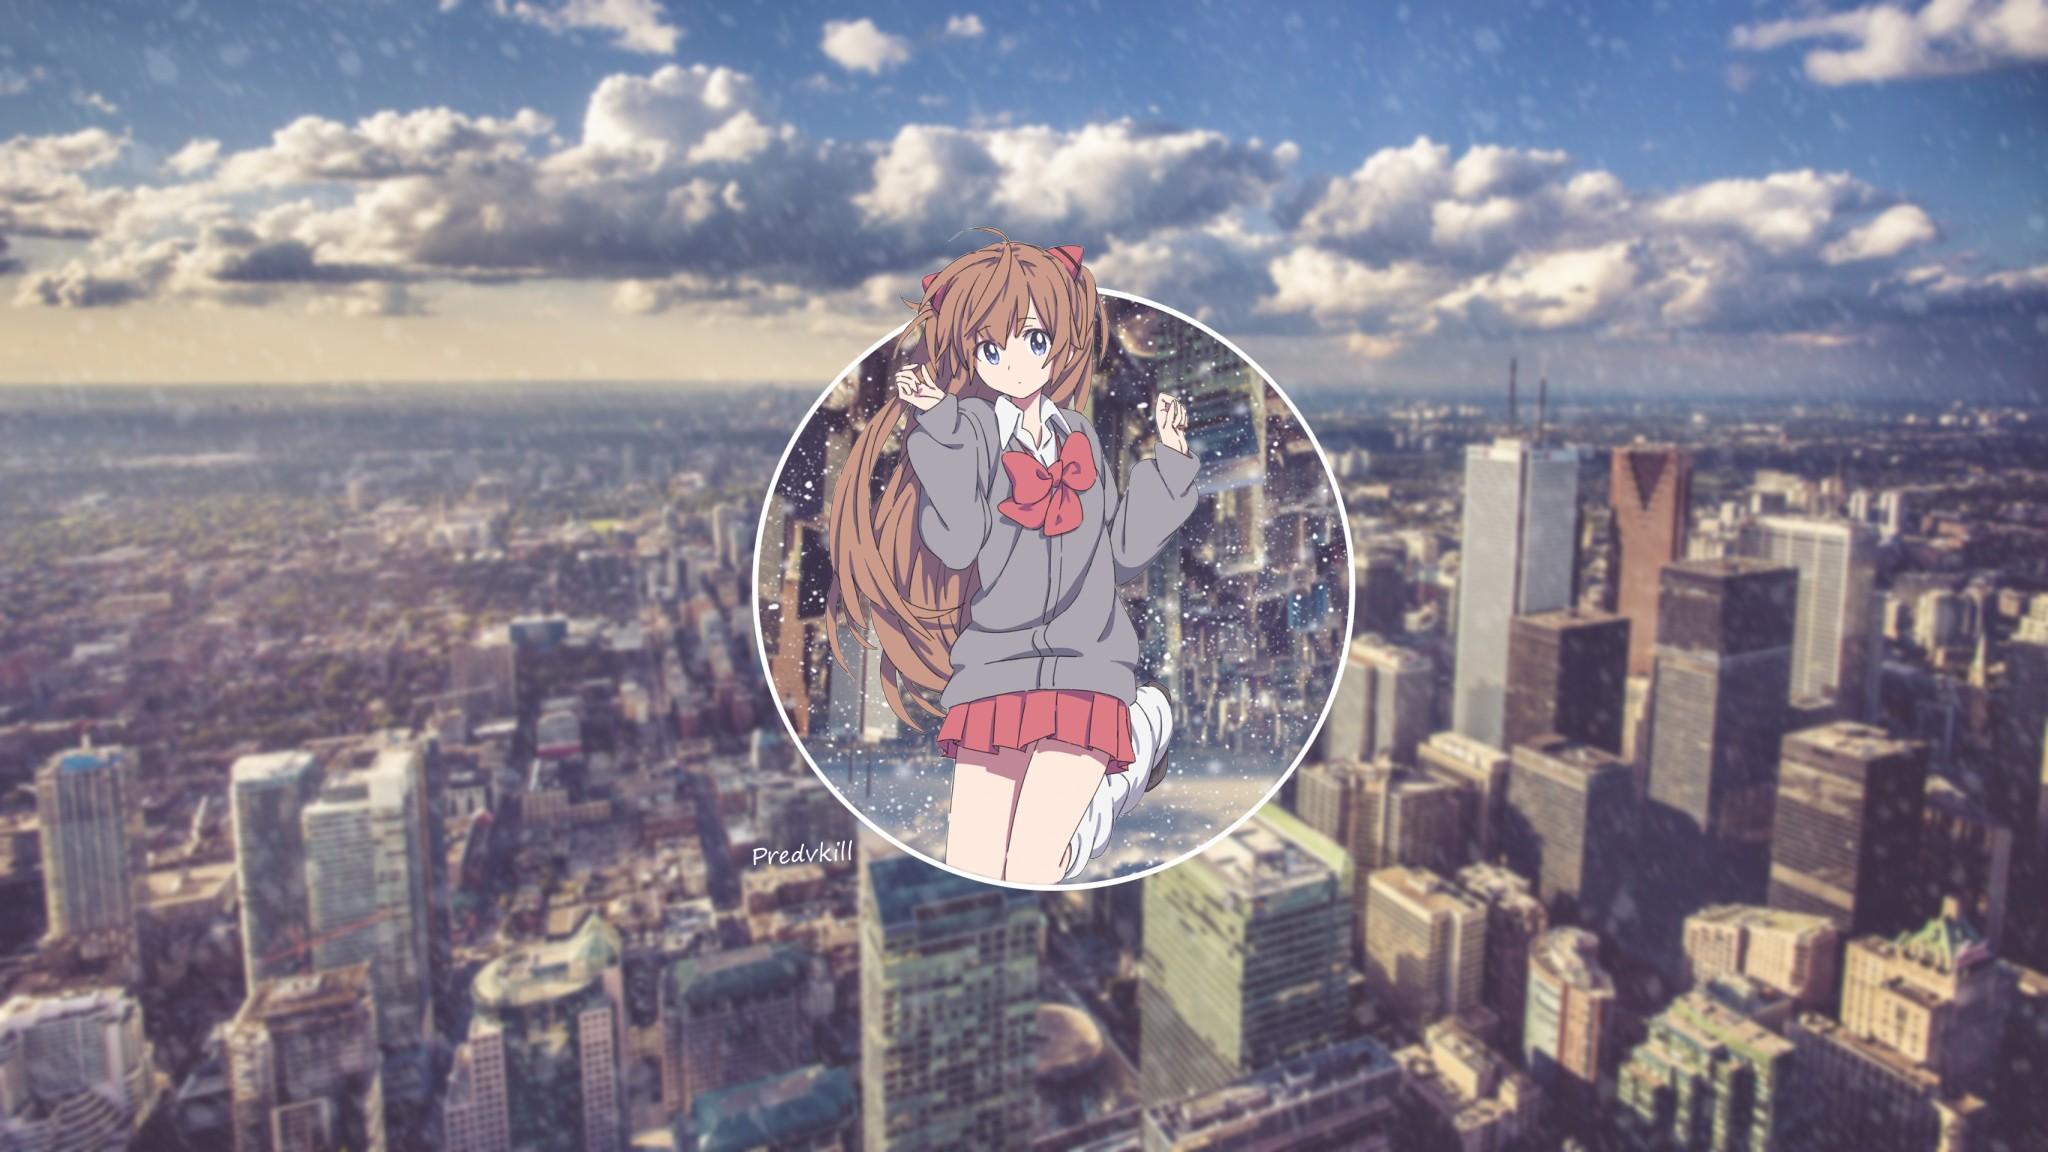 デスクトップ壁紙 2048x1152 px アニメの女の子 2048x1152 goodfon